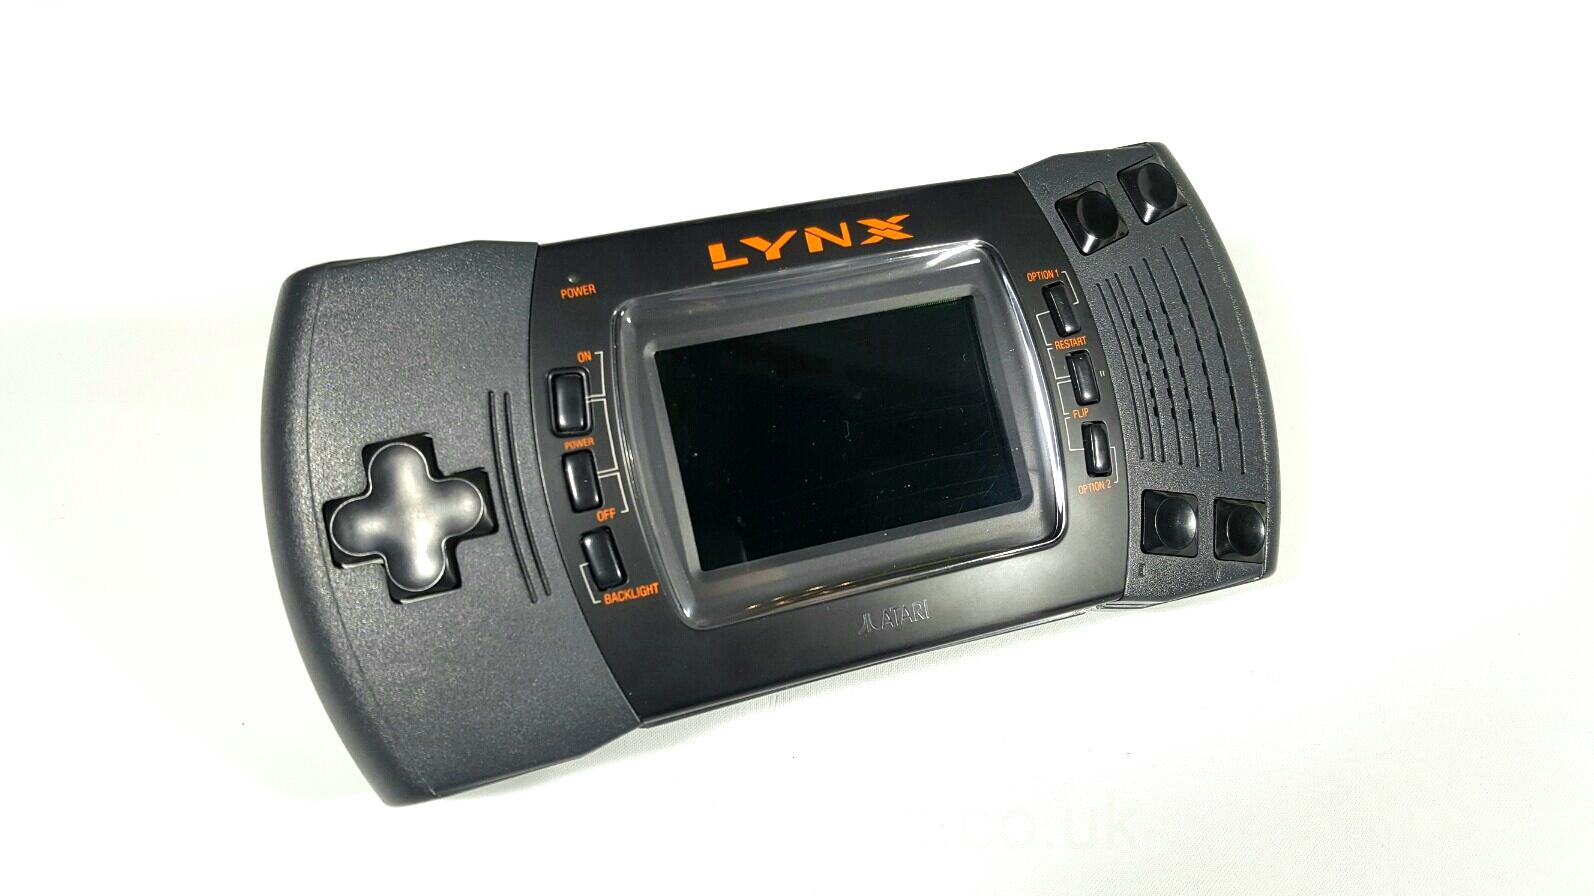 Atari_Lynx_8